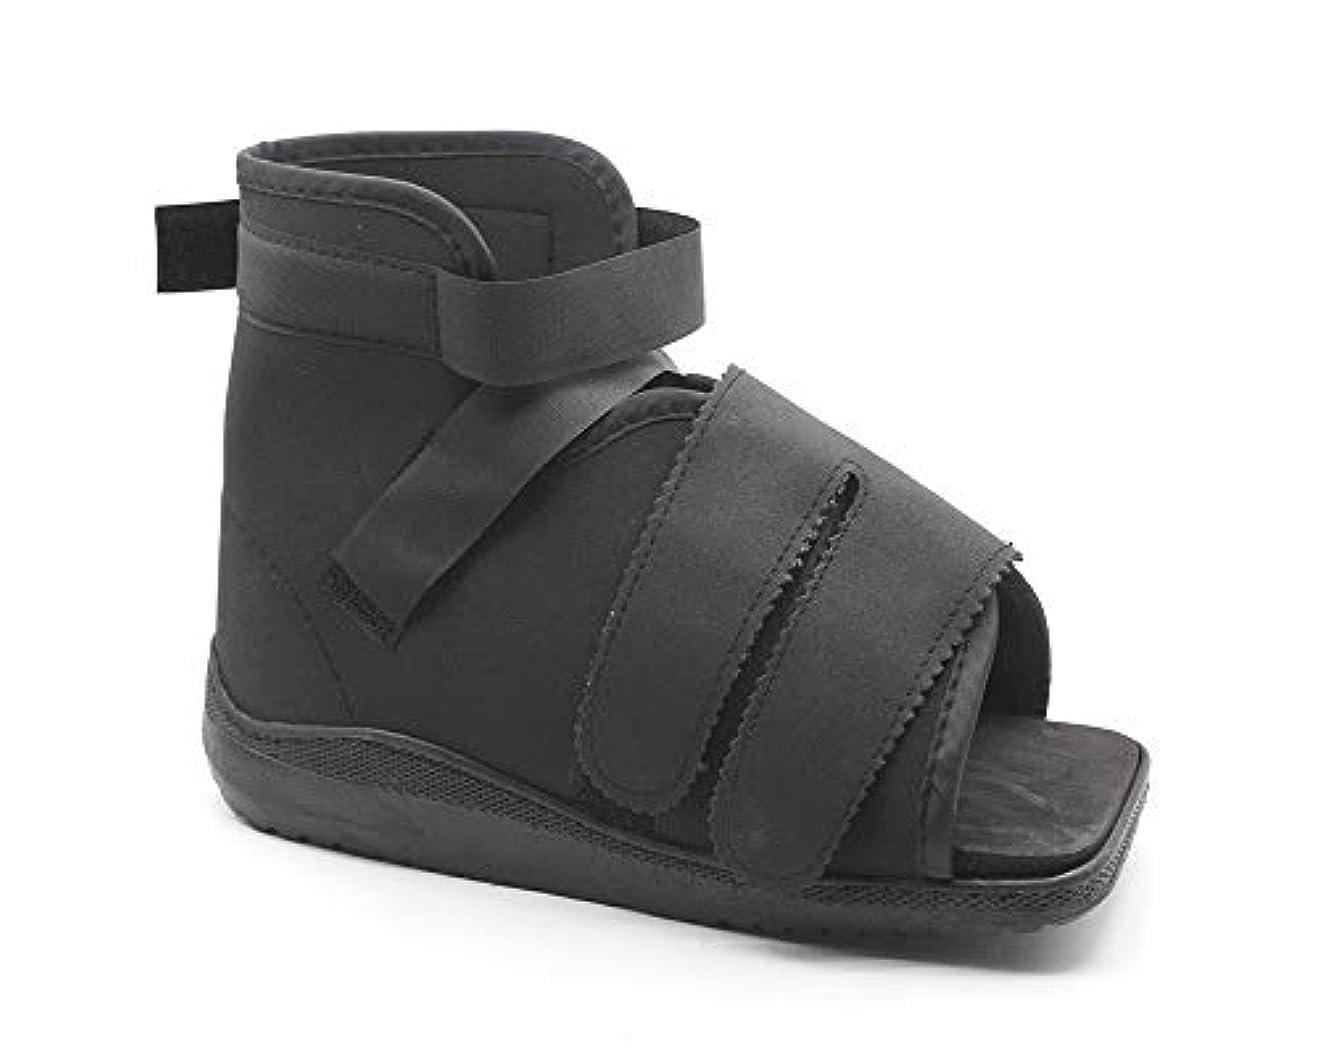 敬礼コール必須手術後のキャストブーツ-足の骨折と足底筋膜炎のための医療用ウォーキングスクエアトゥシューズ-男性と女性のための怪我後の外科的足型